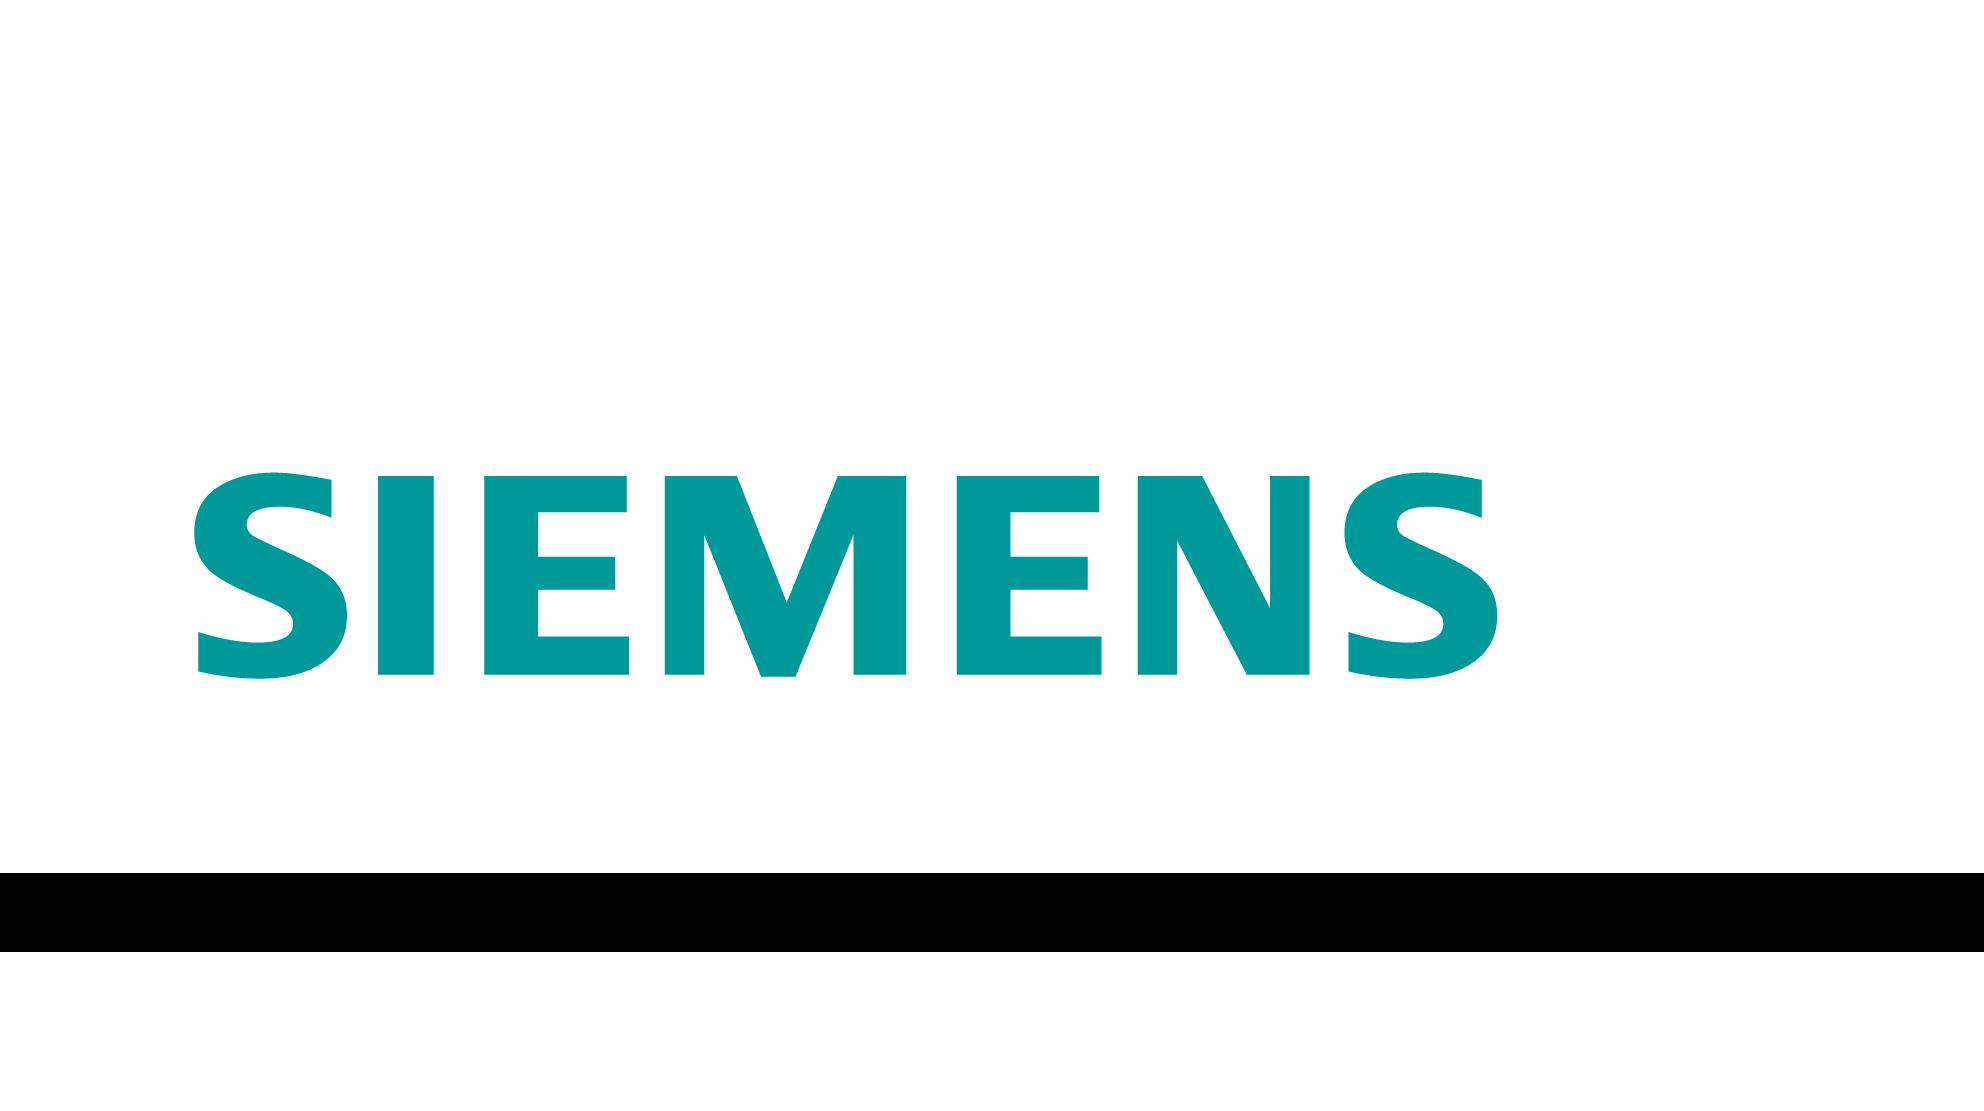 Siemens bygger naturgaseldat kraftverk värt 1,65 miljarder kronor på Malta